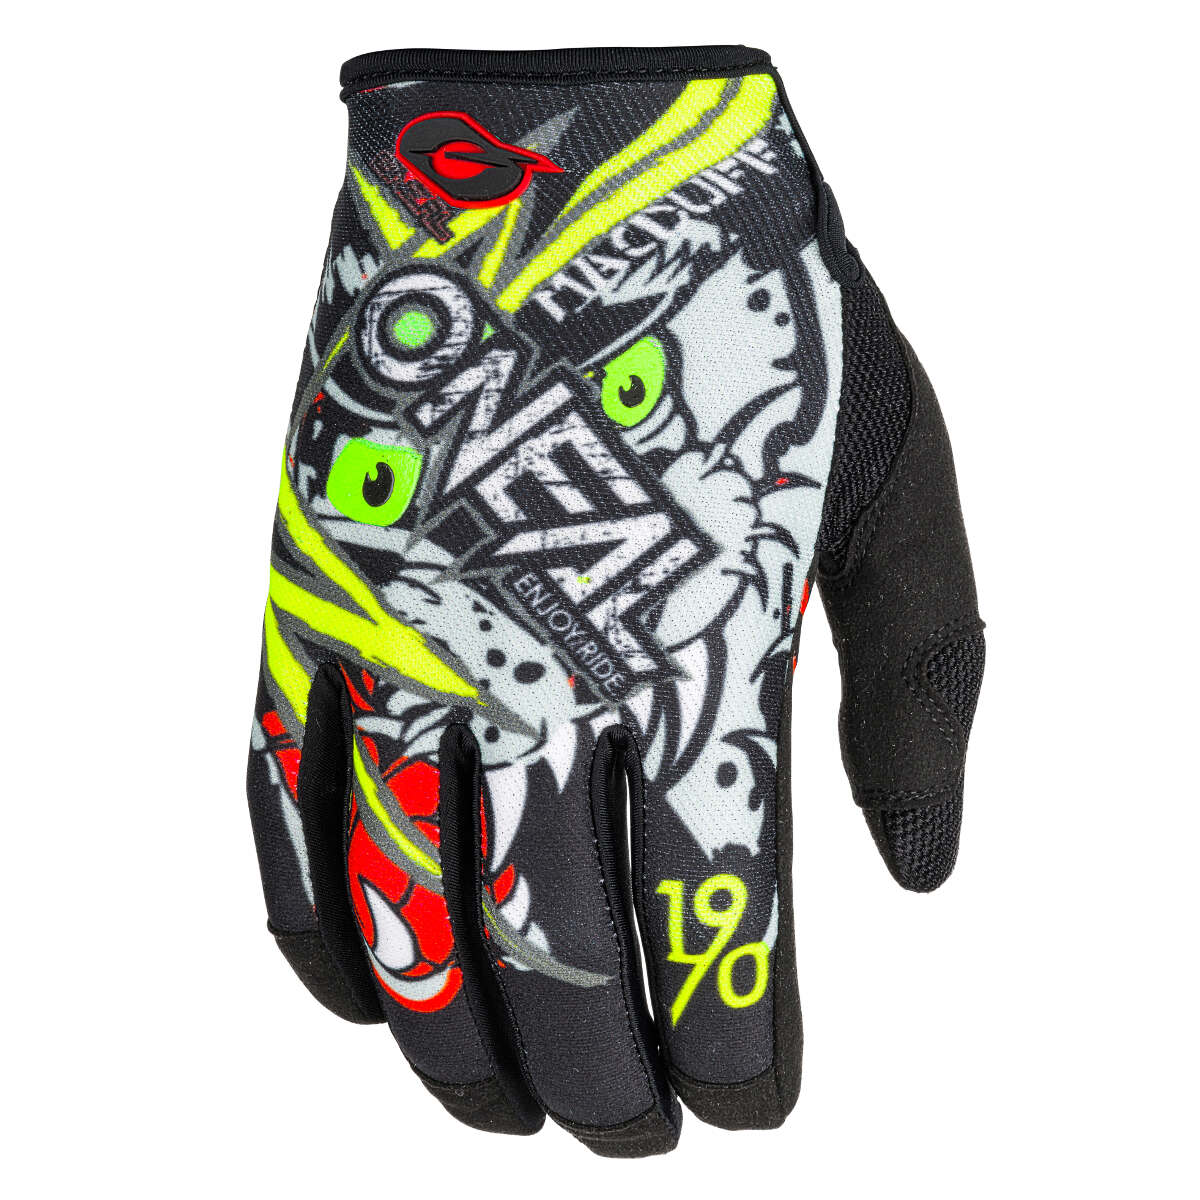 O'Neal Bike-Handschuhe Mayhem Signature MacDuff MacDuff MacDuff Multi a972da